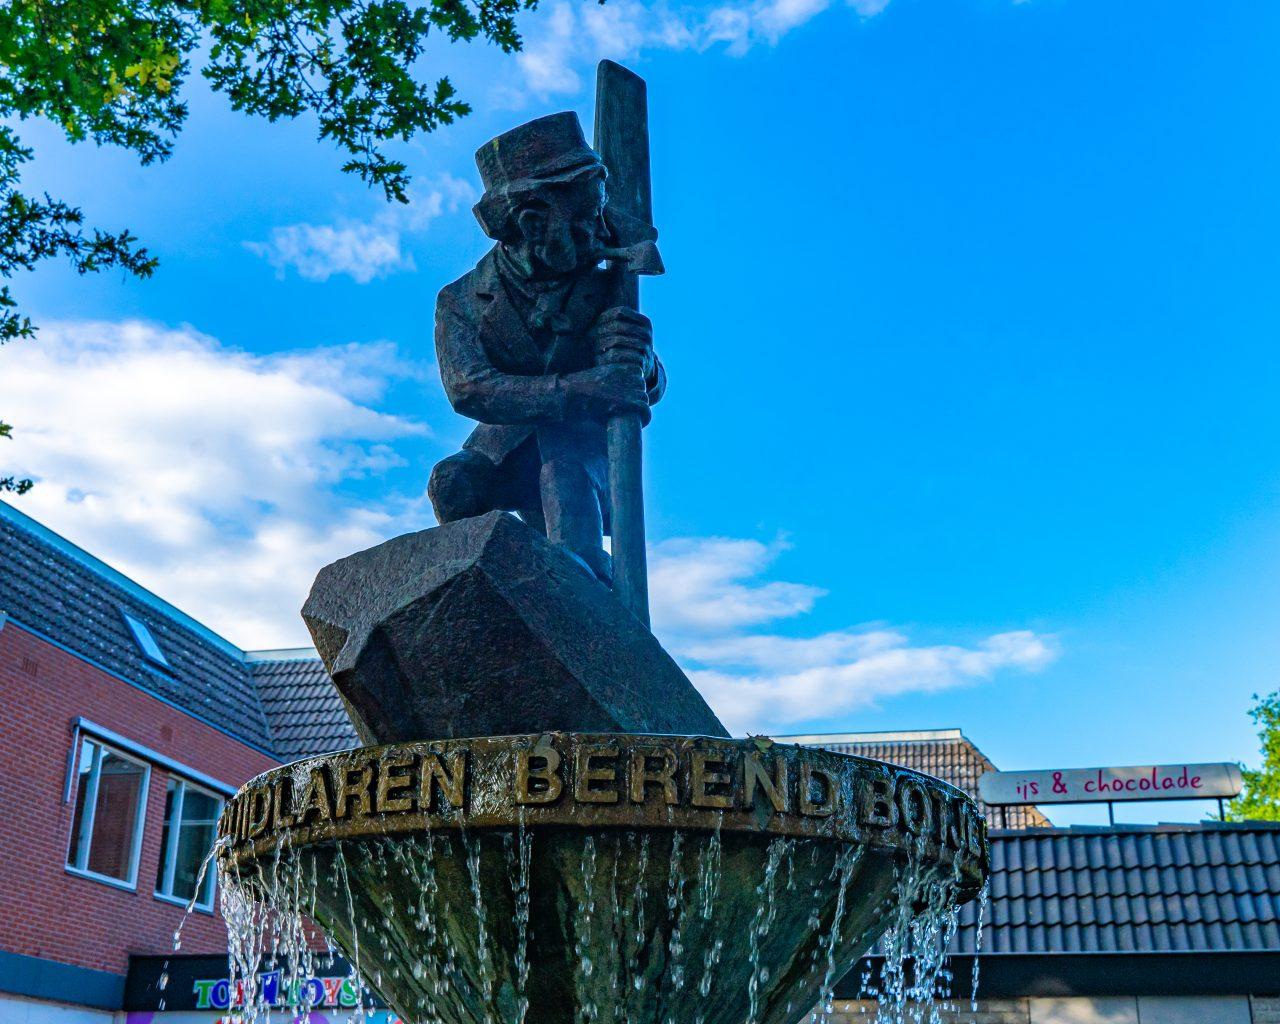 Standbeeld-van-Berend-Botje-Zuidlaren